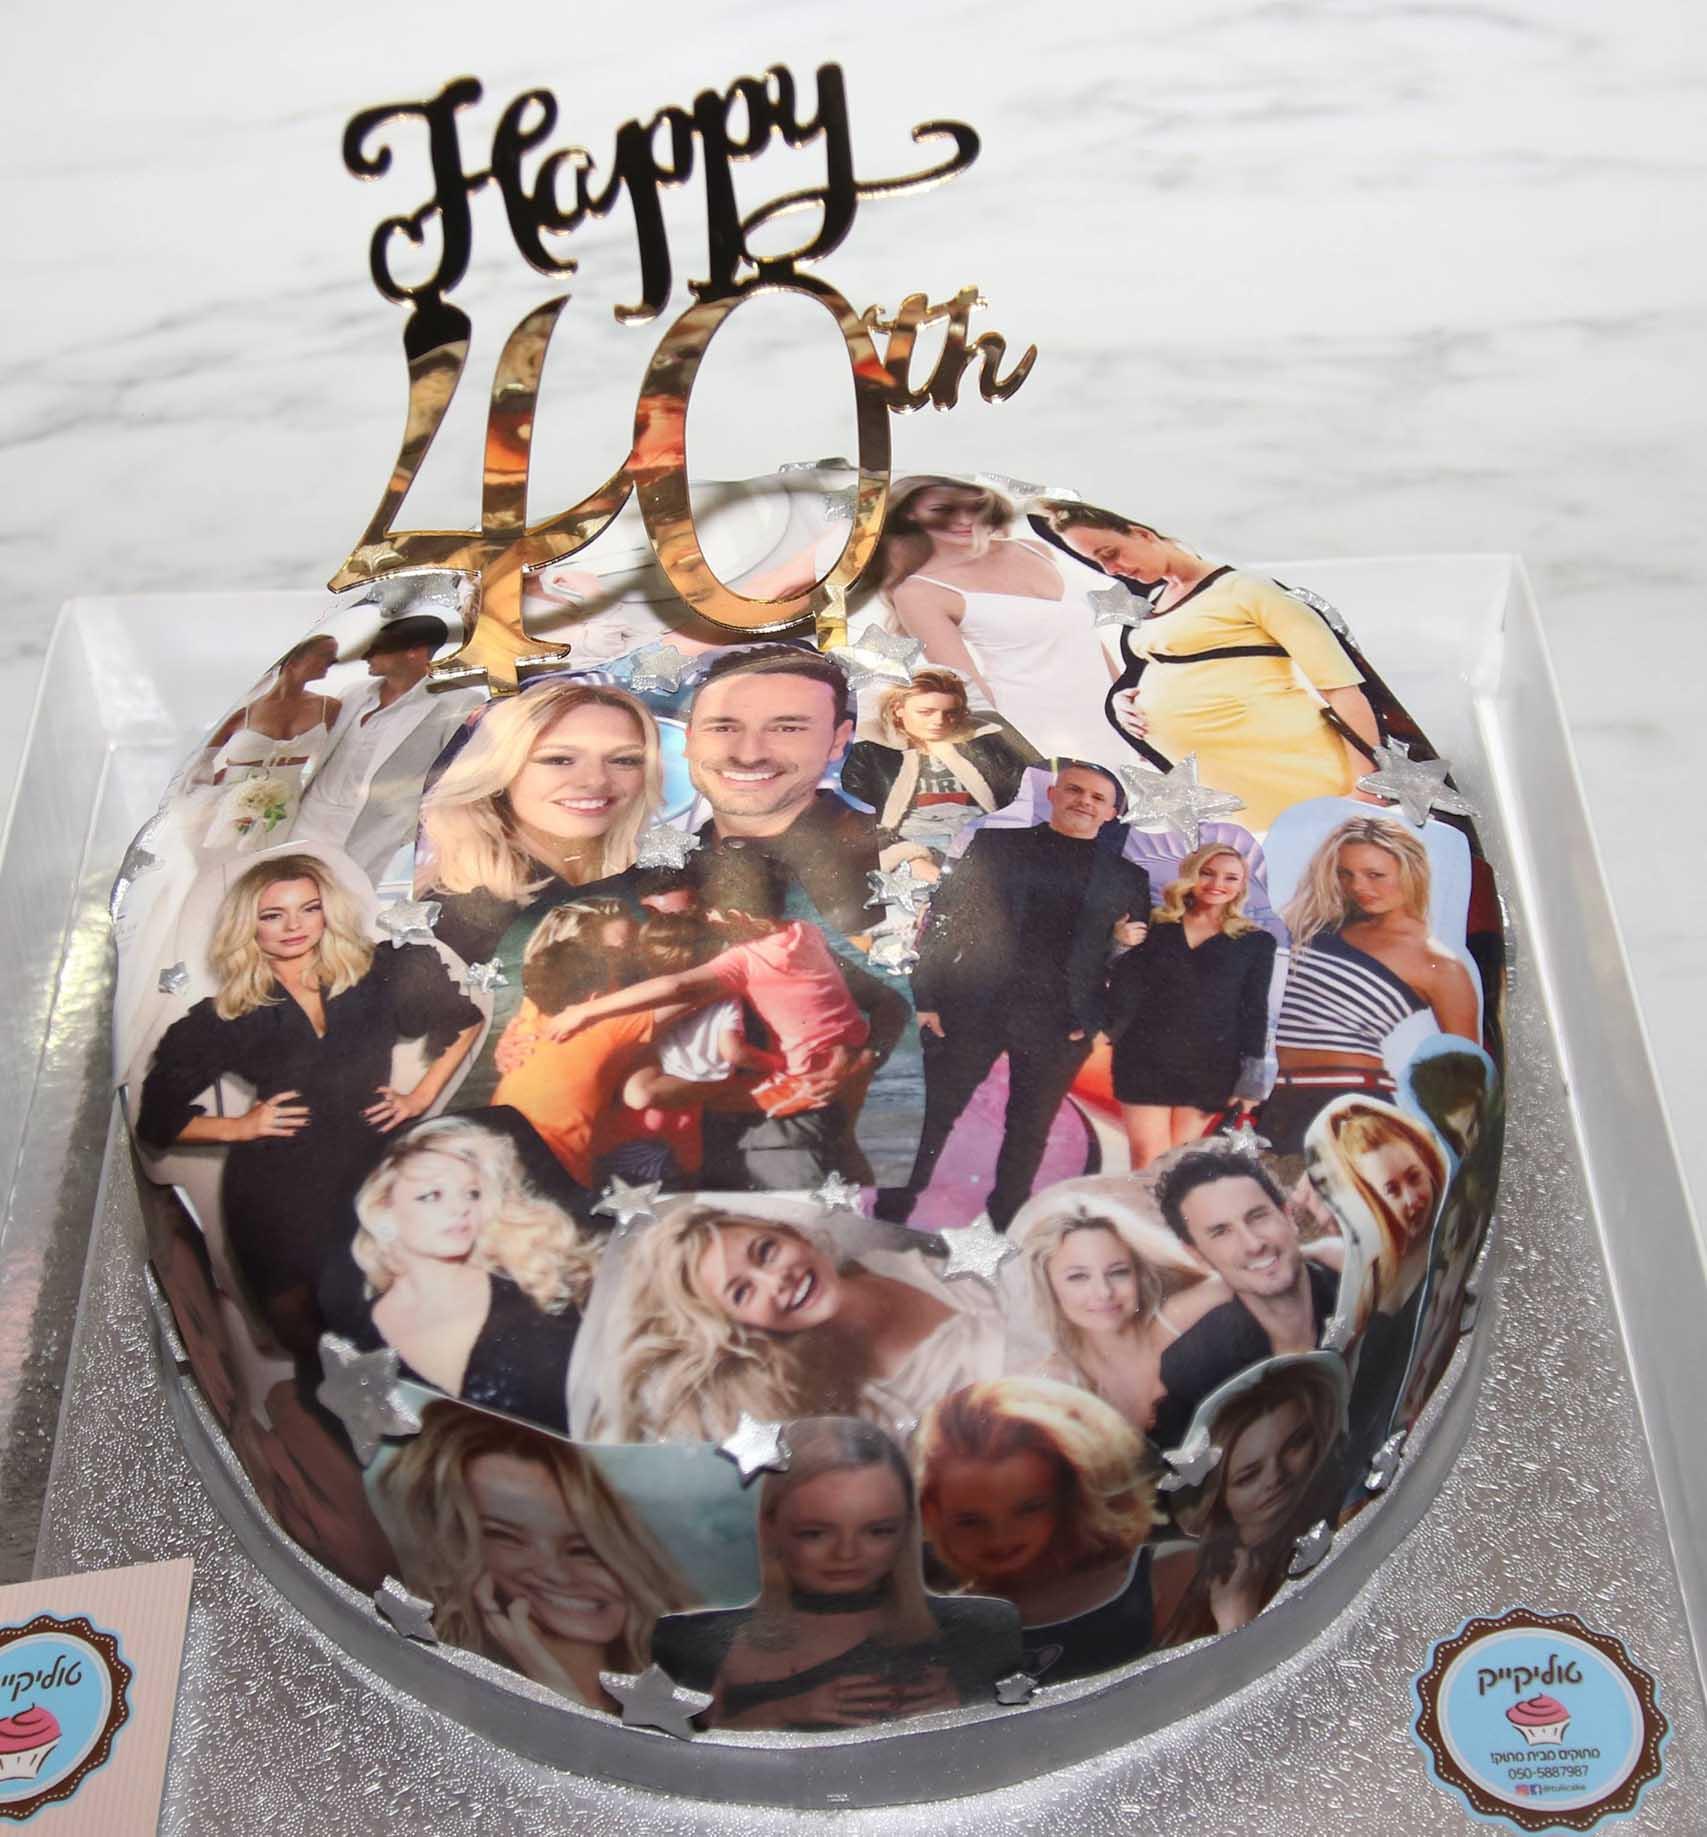 יעל בר זוהר עוגת יום הולדת, מגזין אוםפנה